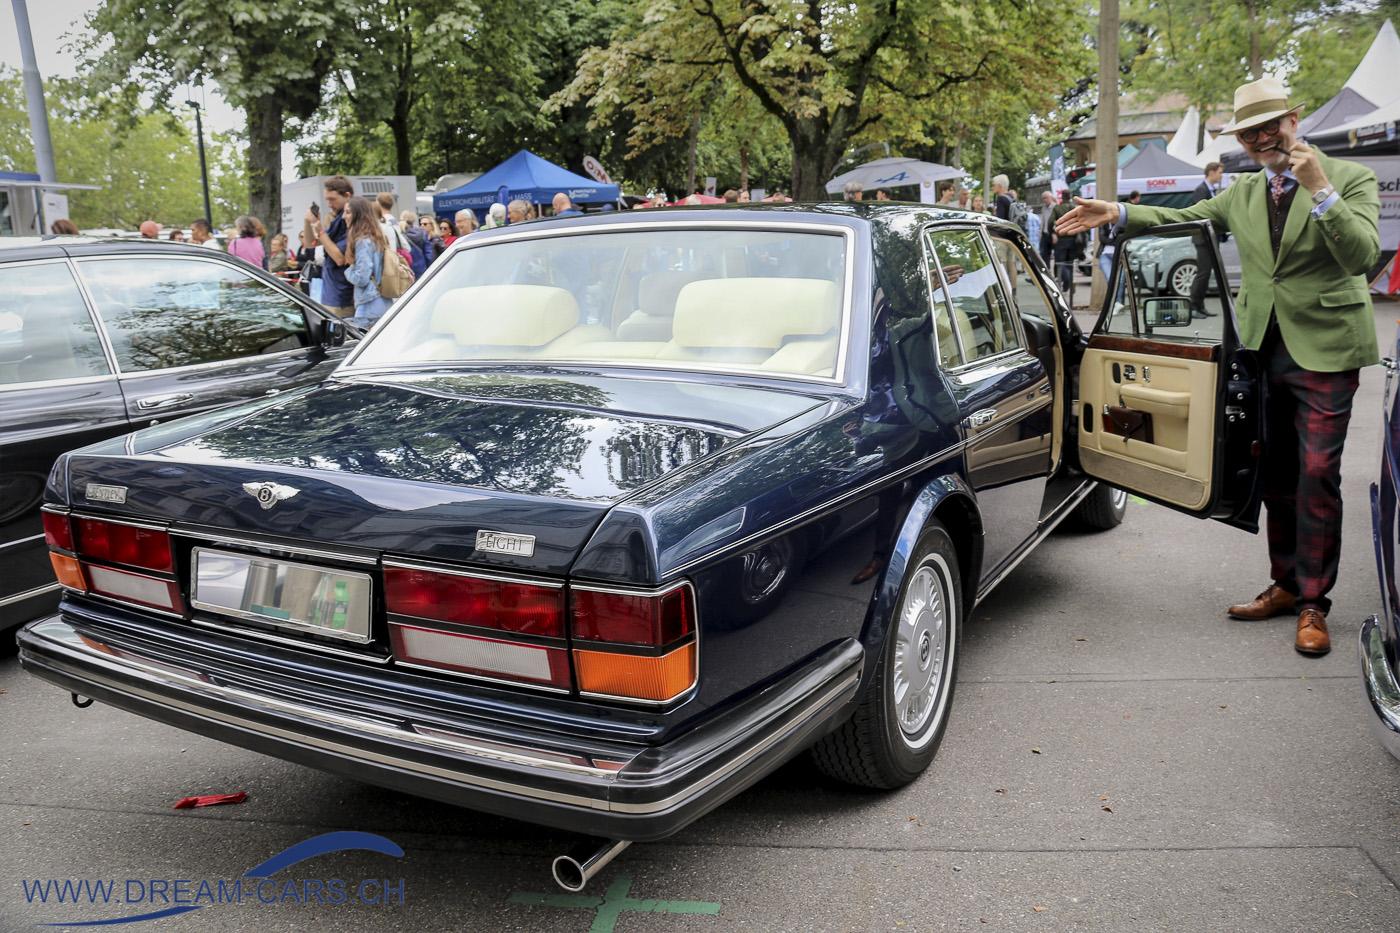 ZCCA, Zurich Classic Car Award auf dem Bürkliplatz in Zürich, 21. August 2019. Bruno von Nünlist mit seinem Bentley